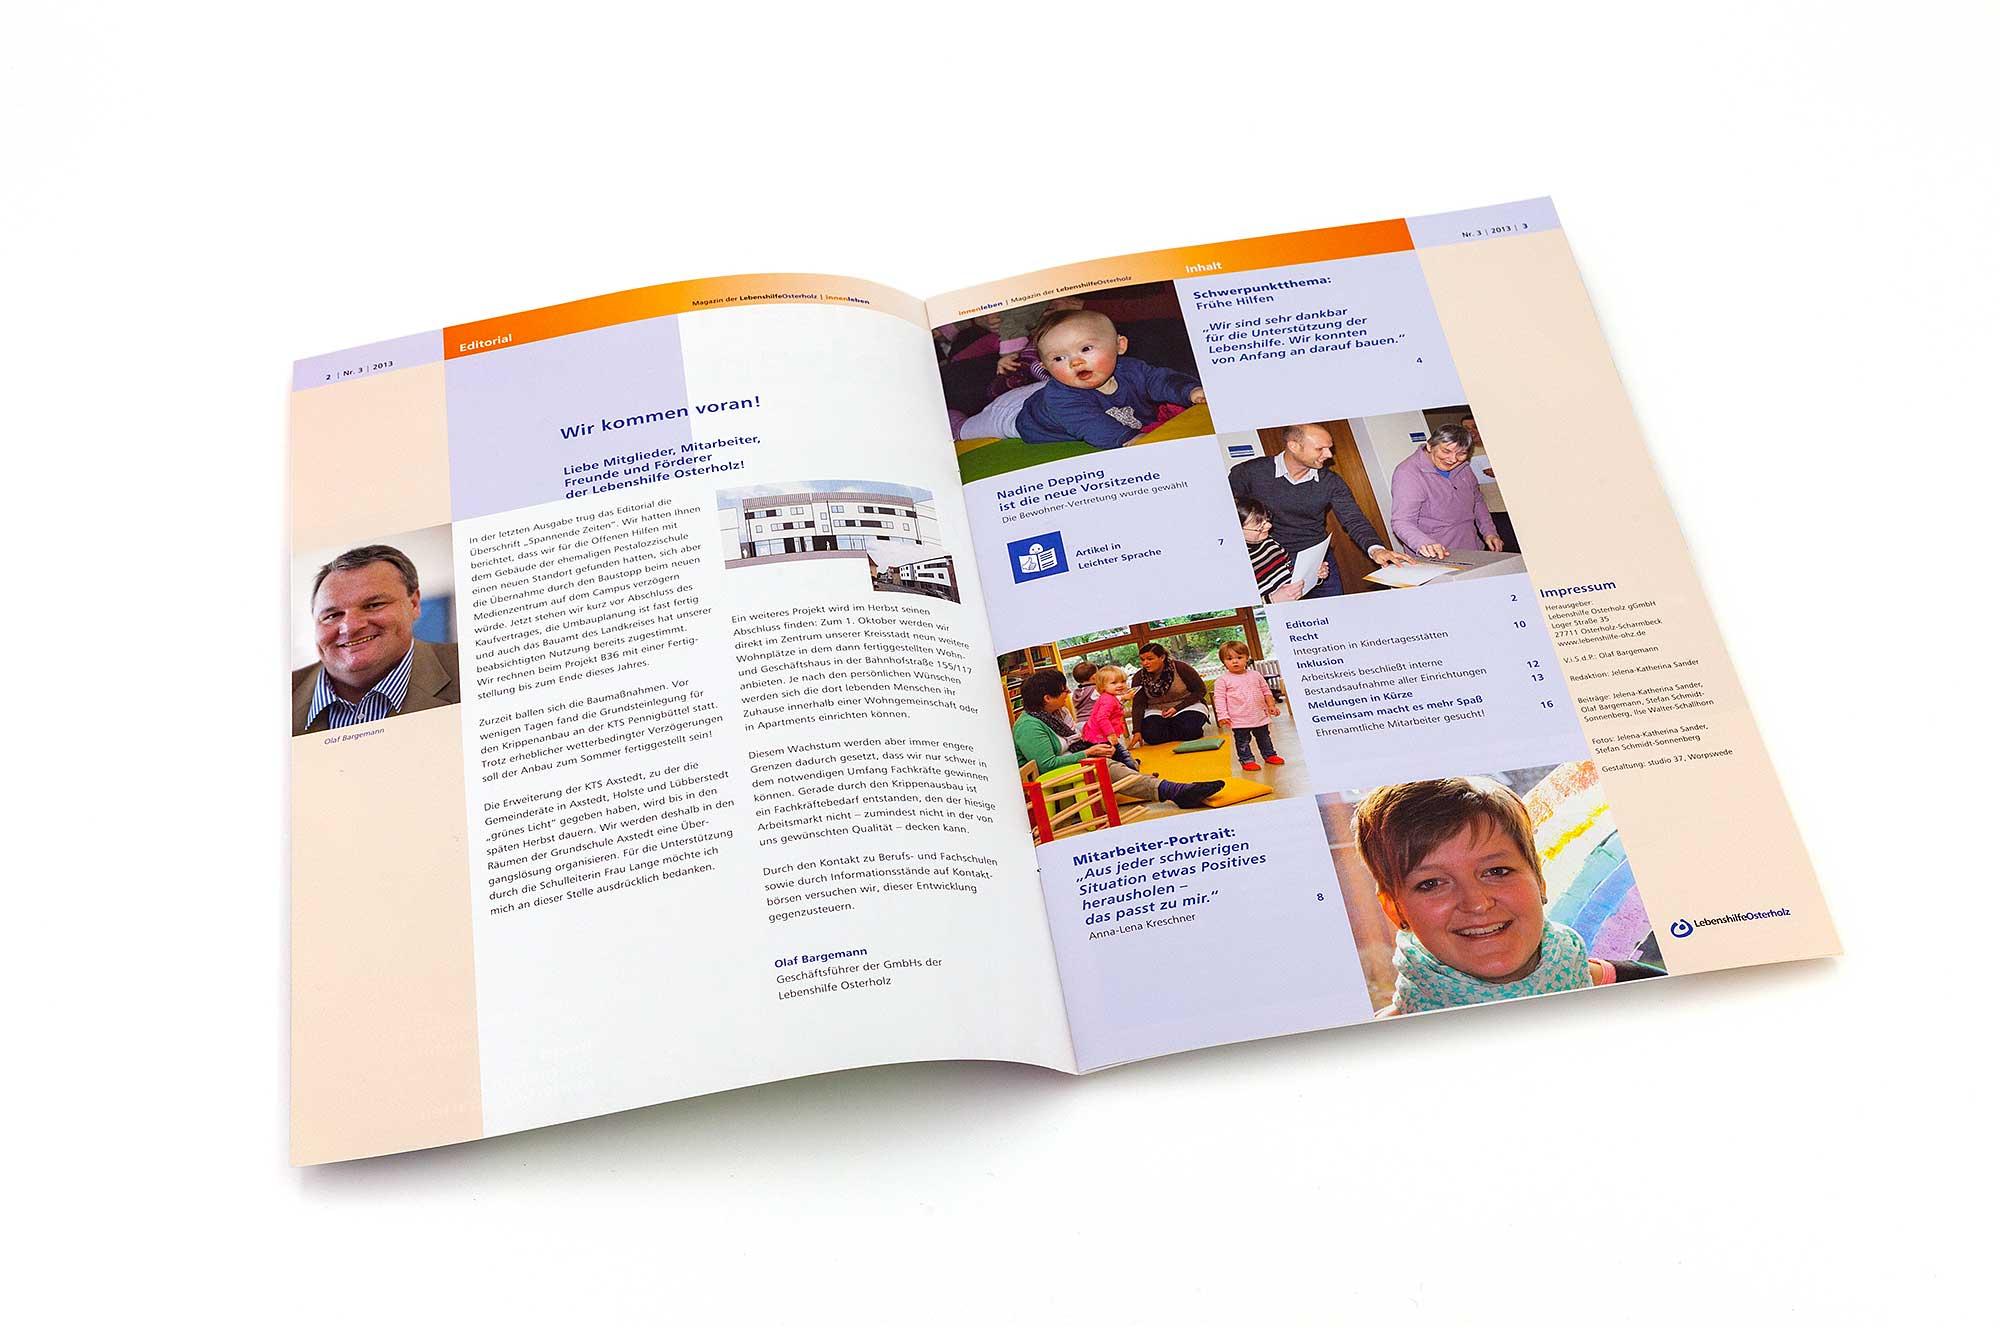 Doppelseite mit Editorial und Inhaltsverzeichnis